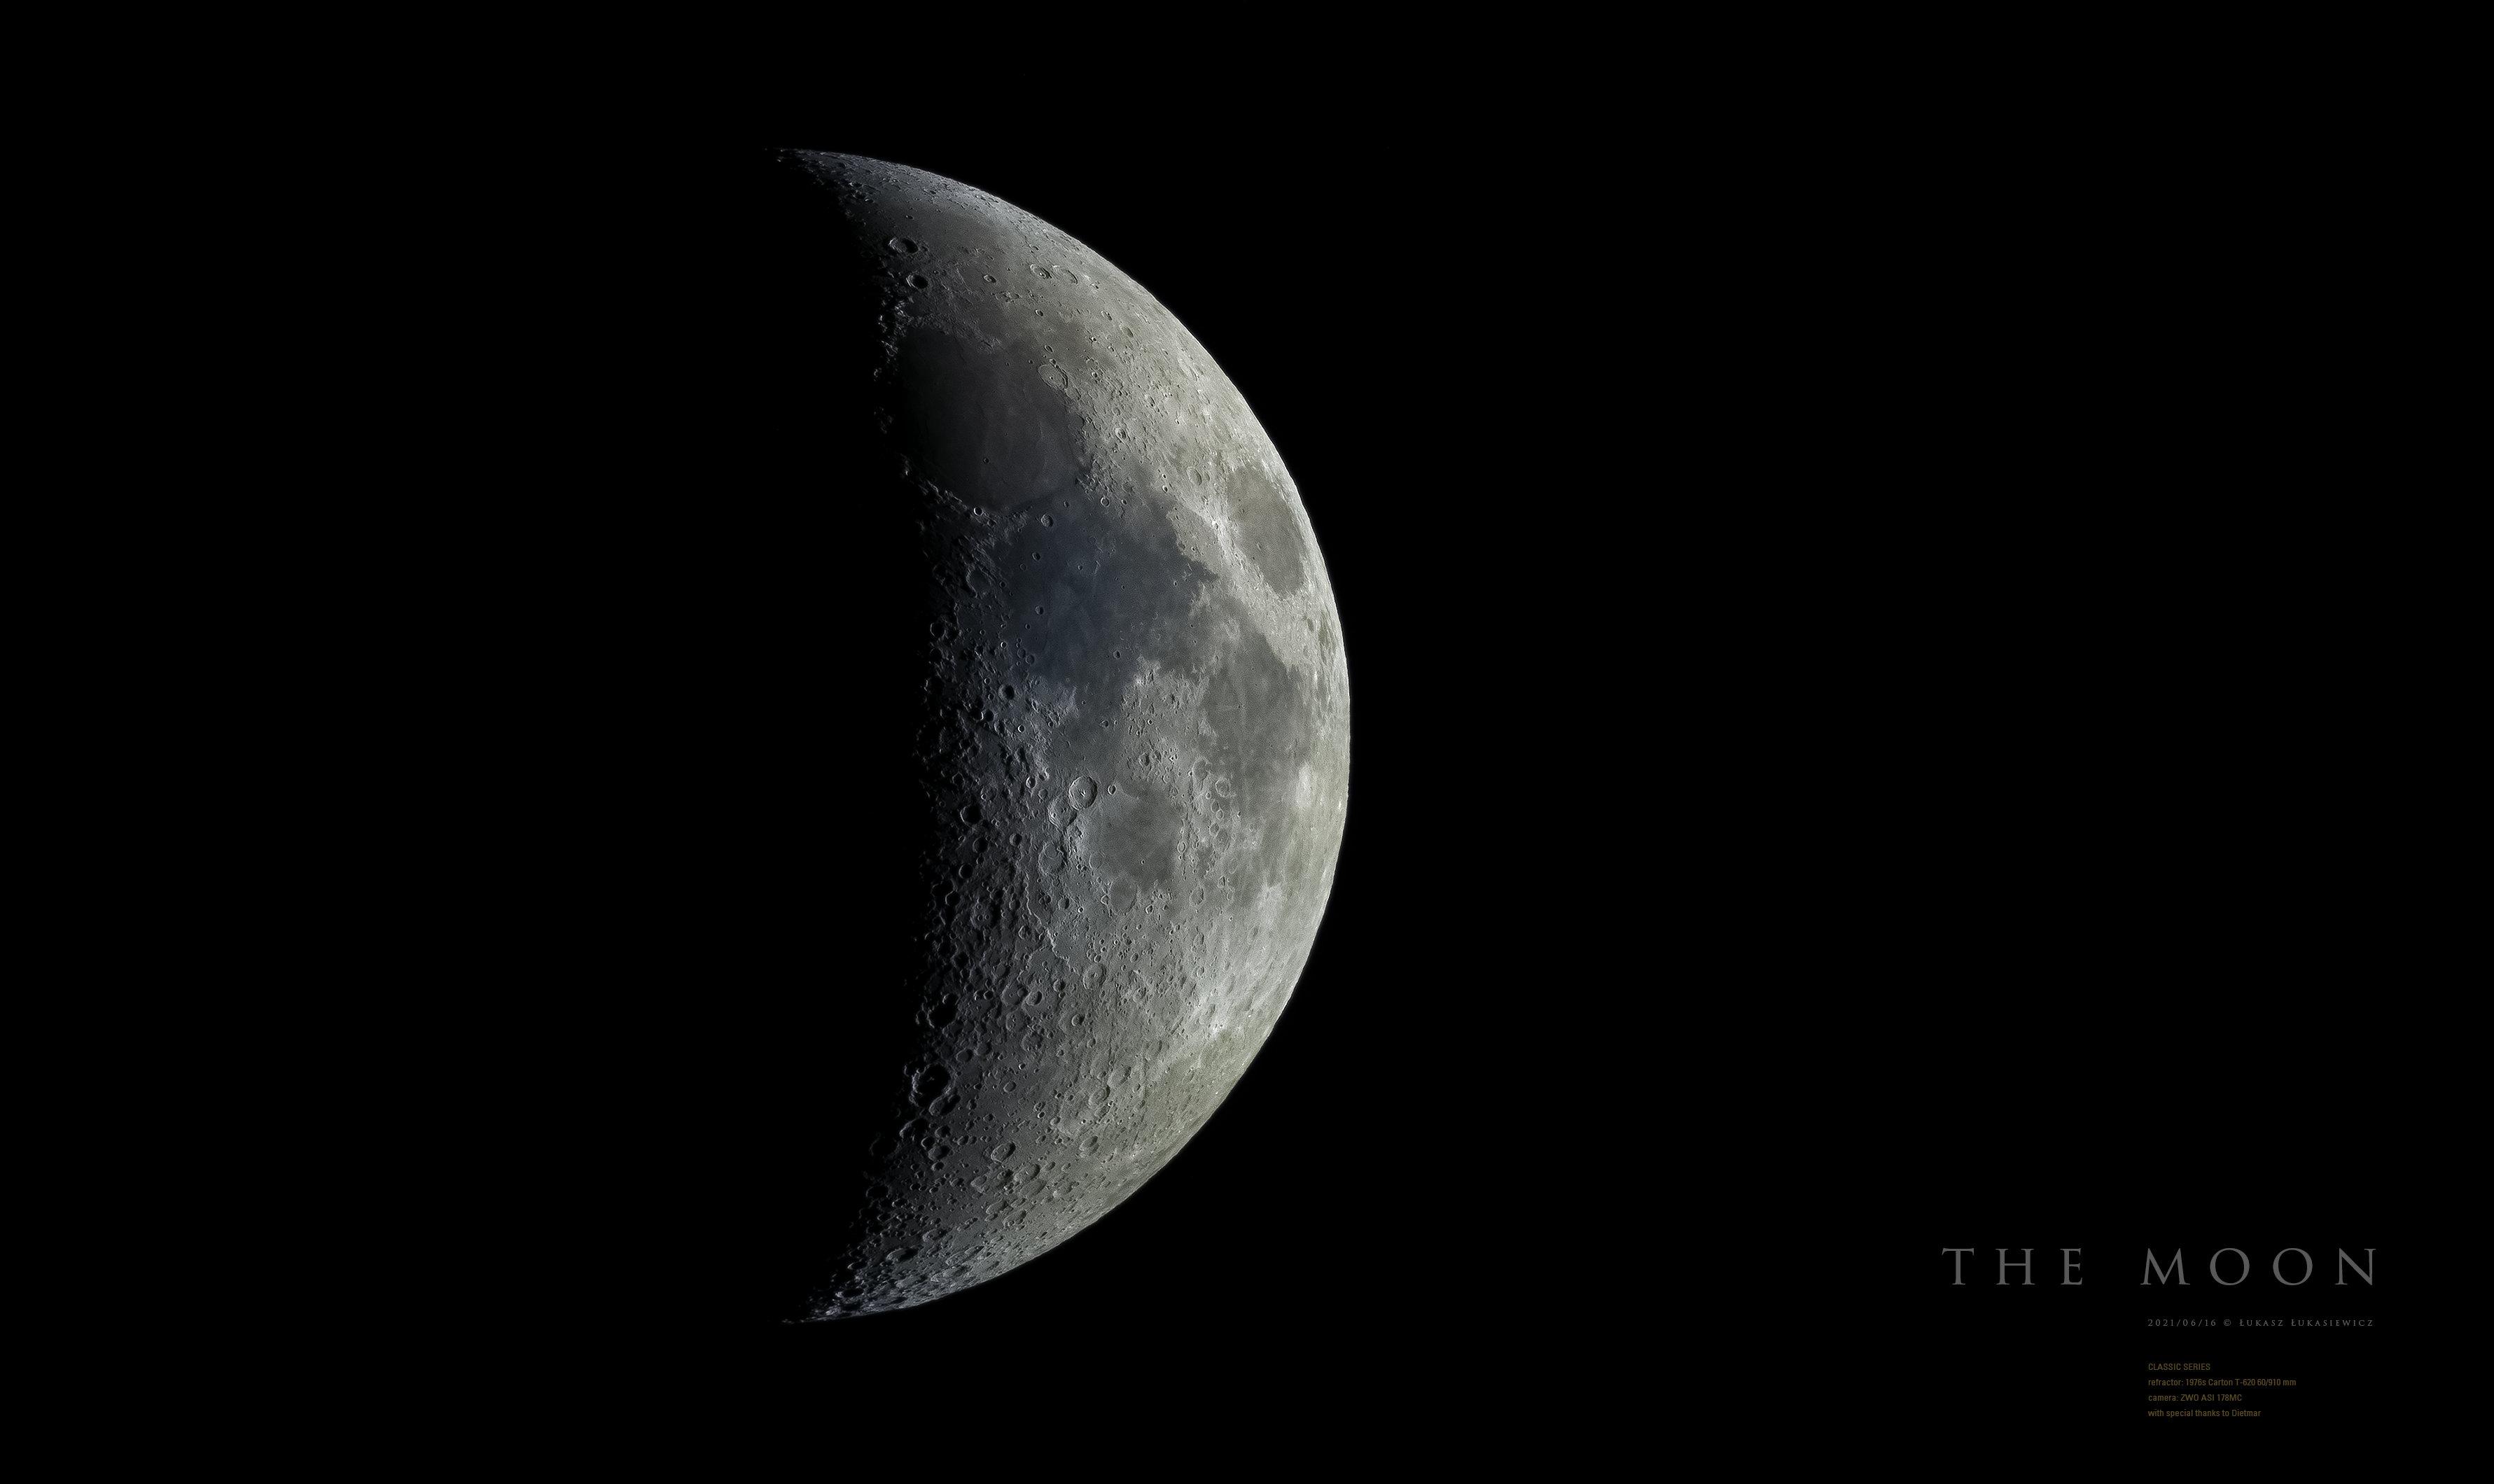 THE-MOON-2021-06-16.jpg